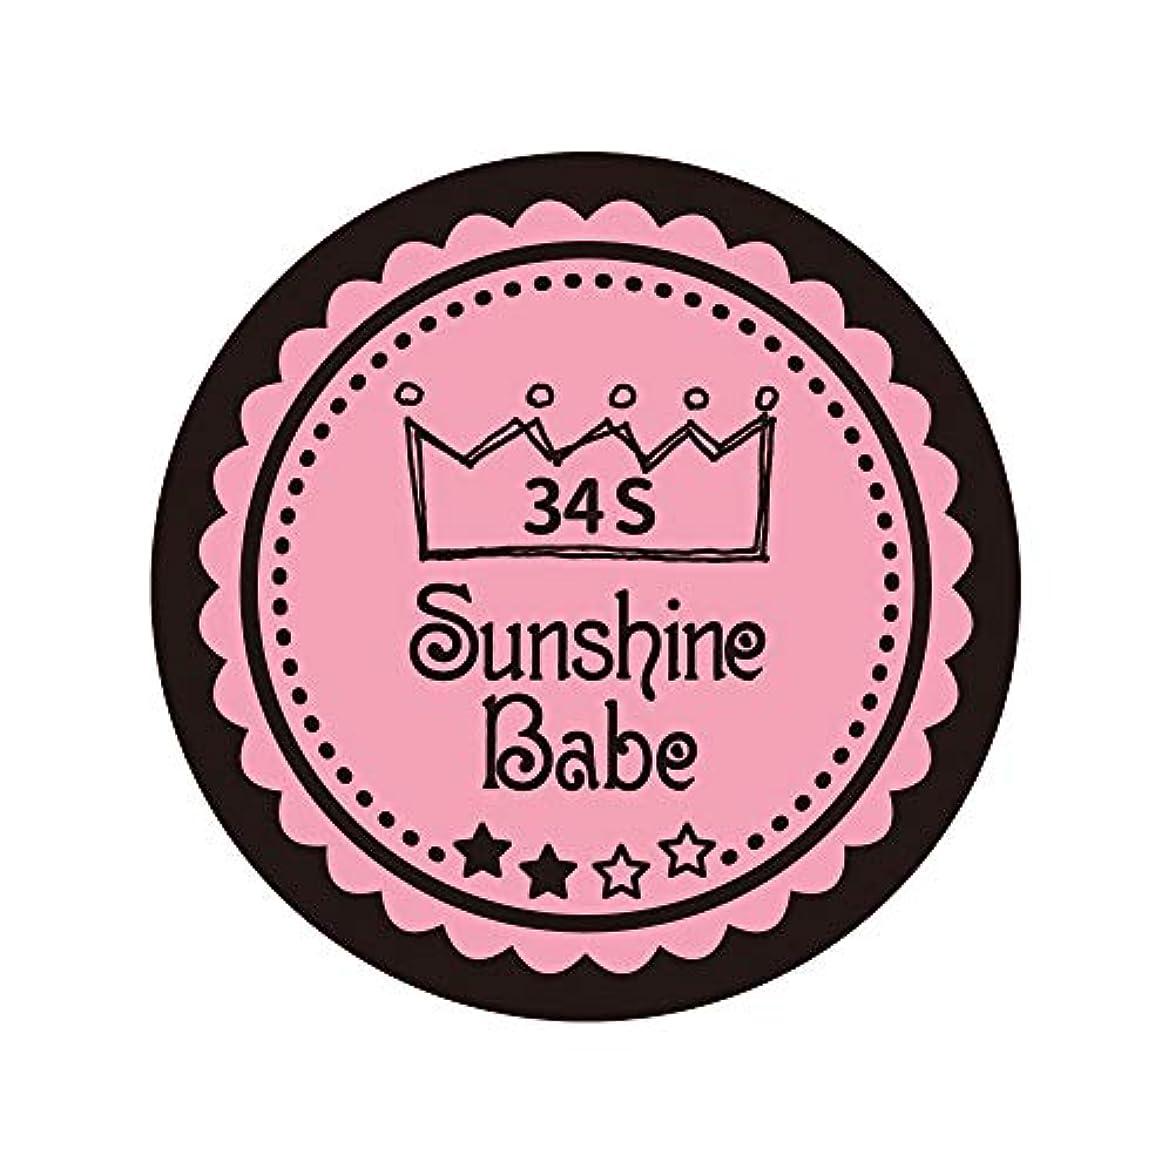 私たち自身中絶応じるSunshine Babe カラージェル 34S メロウローズ 2.7g UV/LED対応